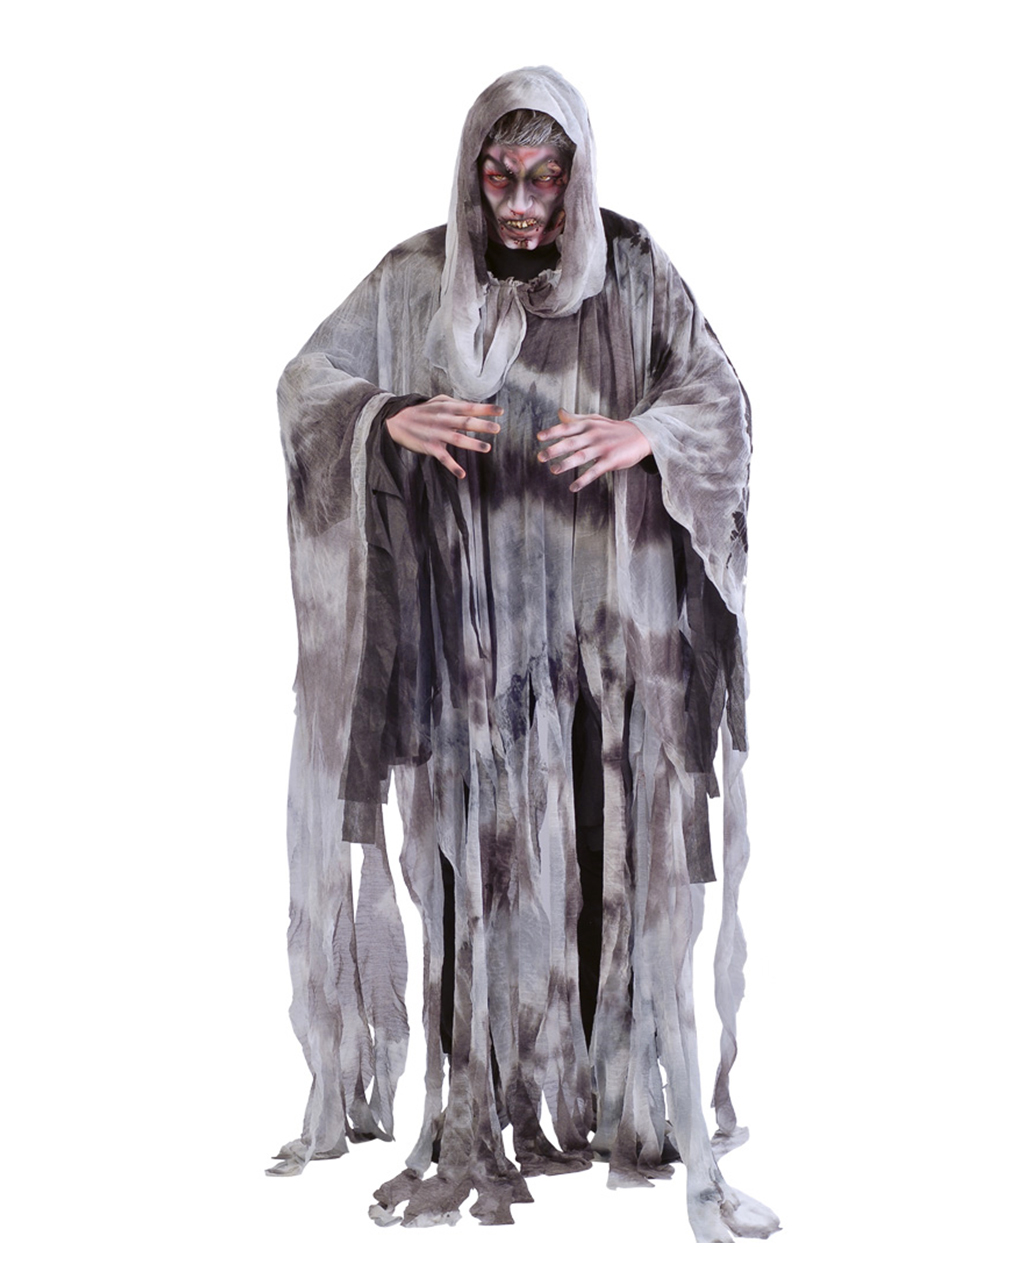 Halloween Fasching Karneval Dämon Geist Kostüm Schwarz Herrenkostüm Horror